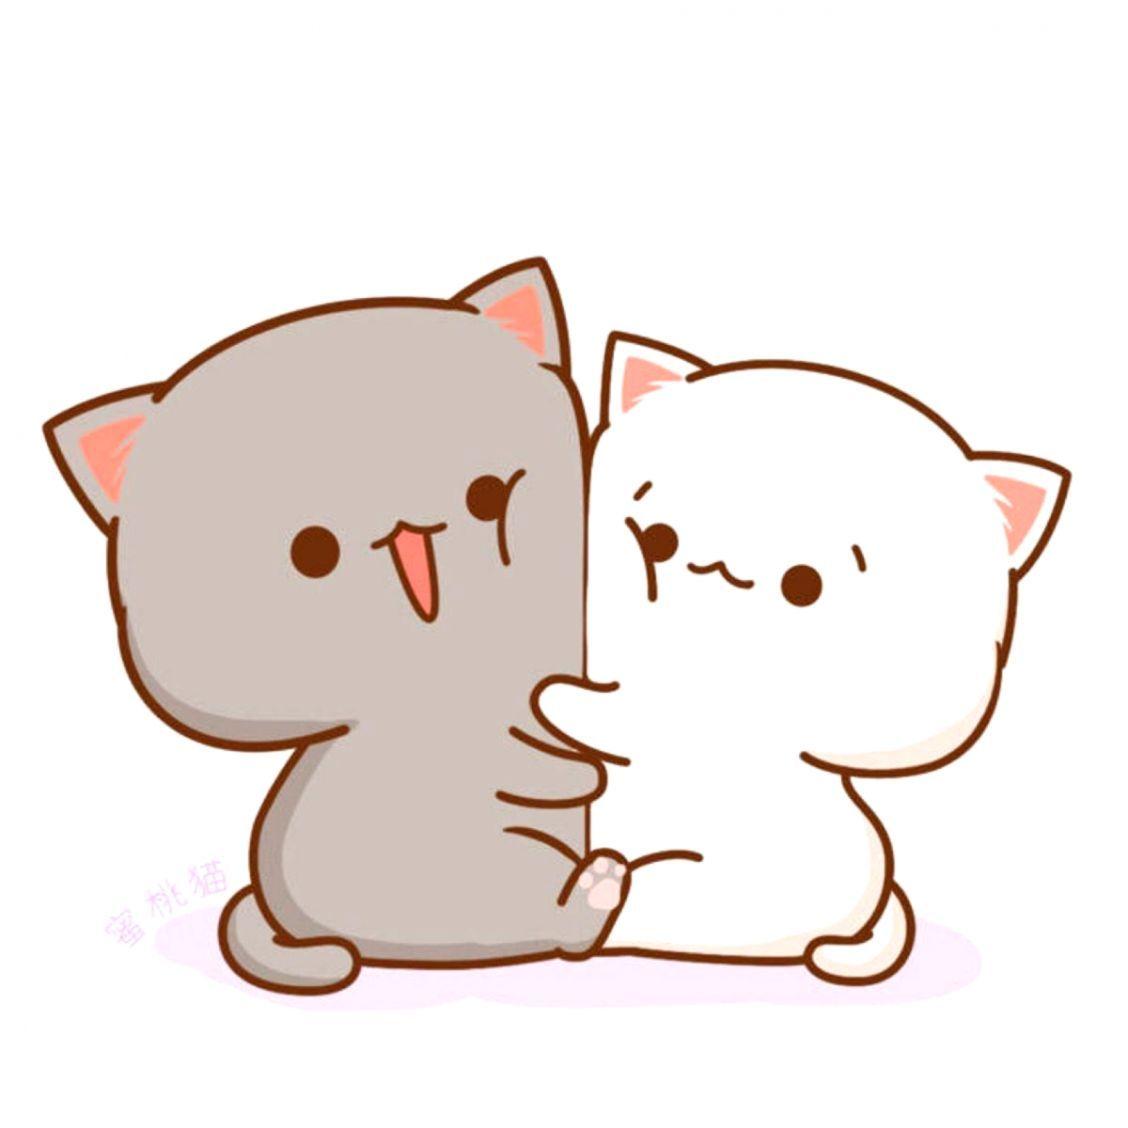 81 Anime Kawaii Chibi Cute Cat Drawing In 2020 Cute Cartoon Wallpapers Cute Cat Drawing Chibi Cat